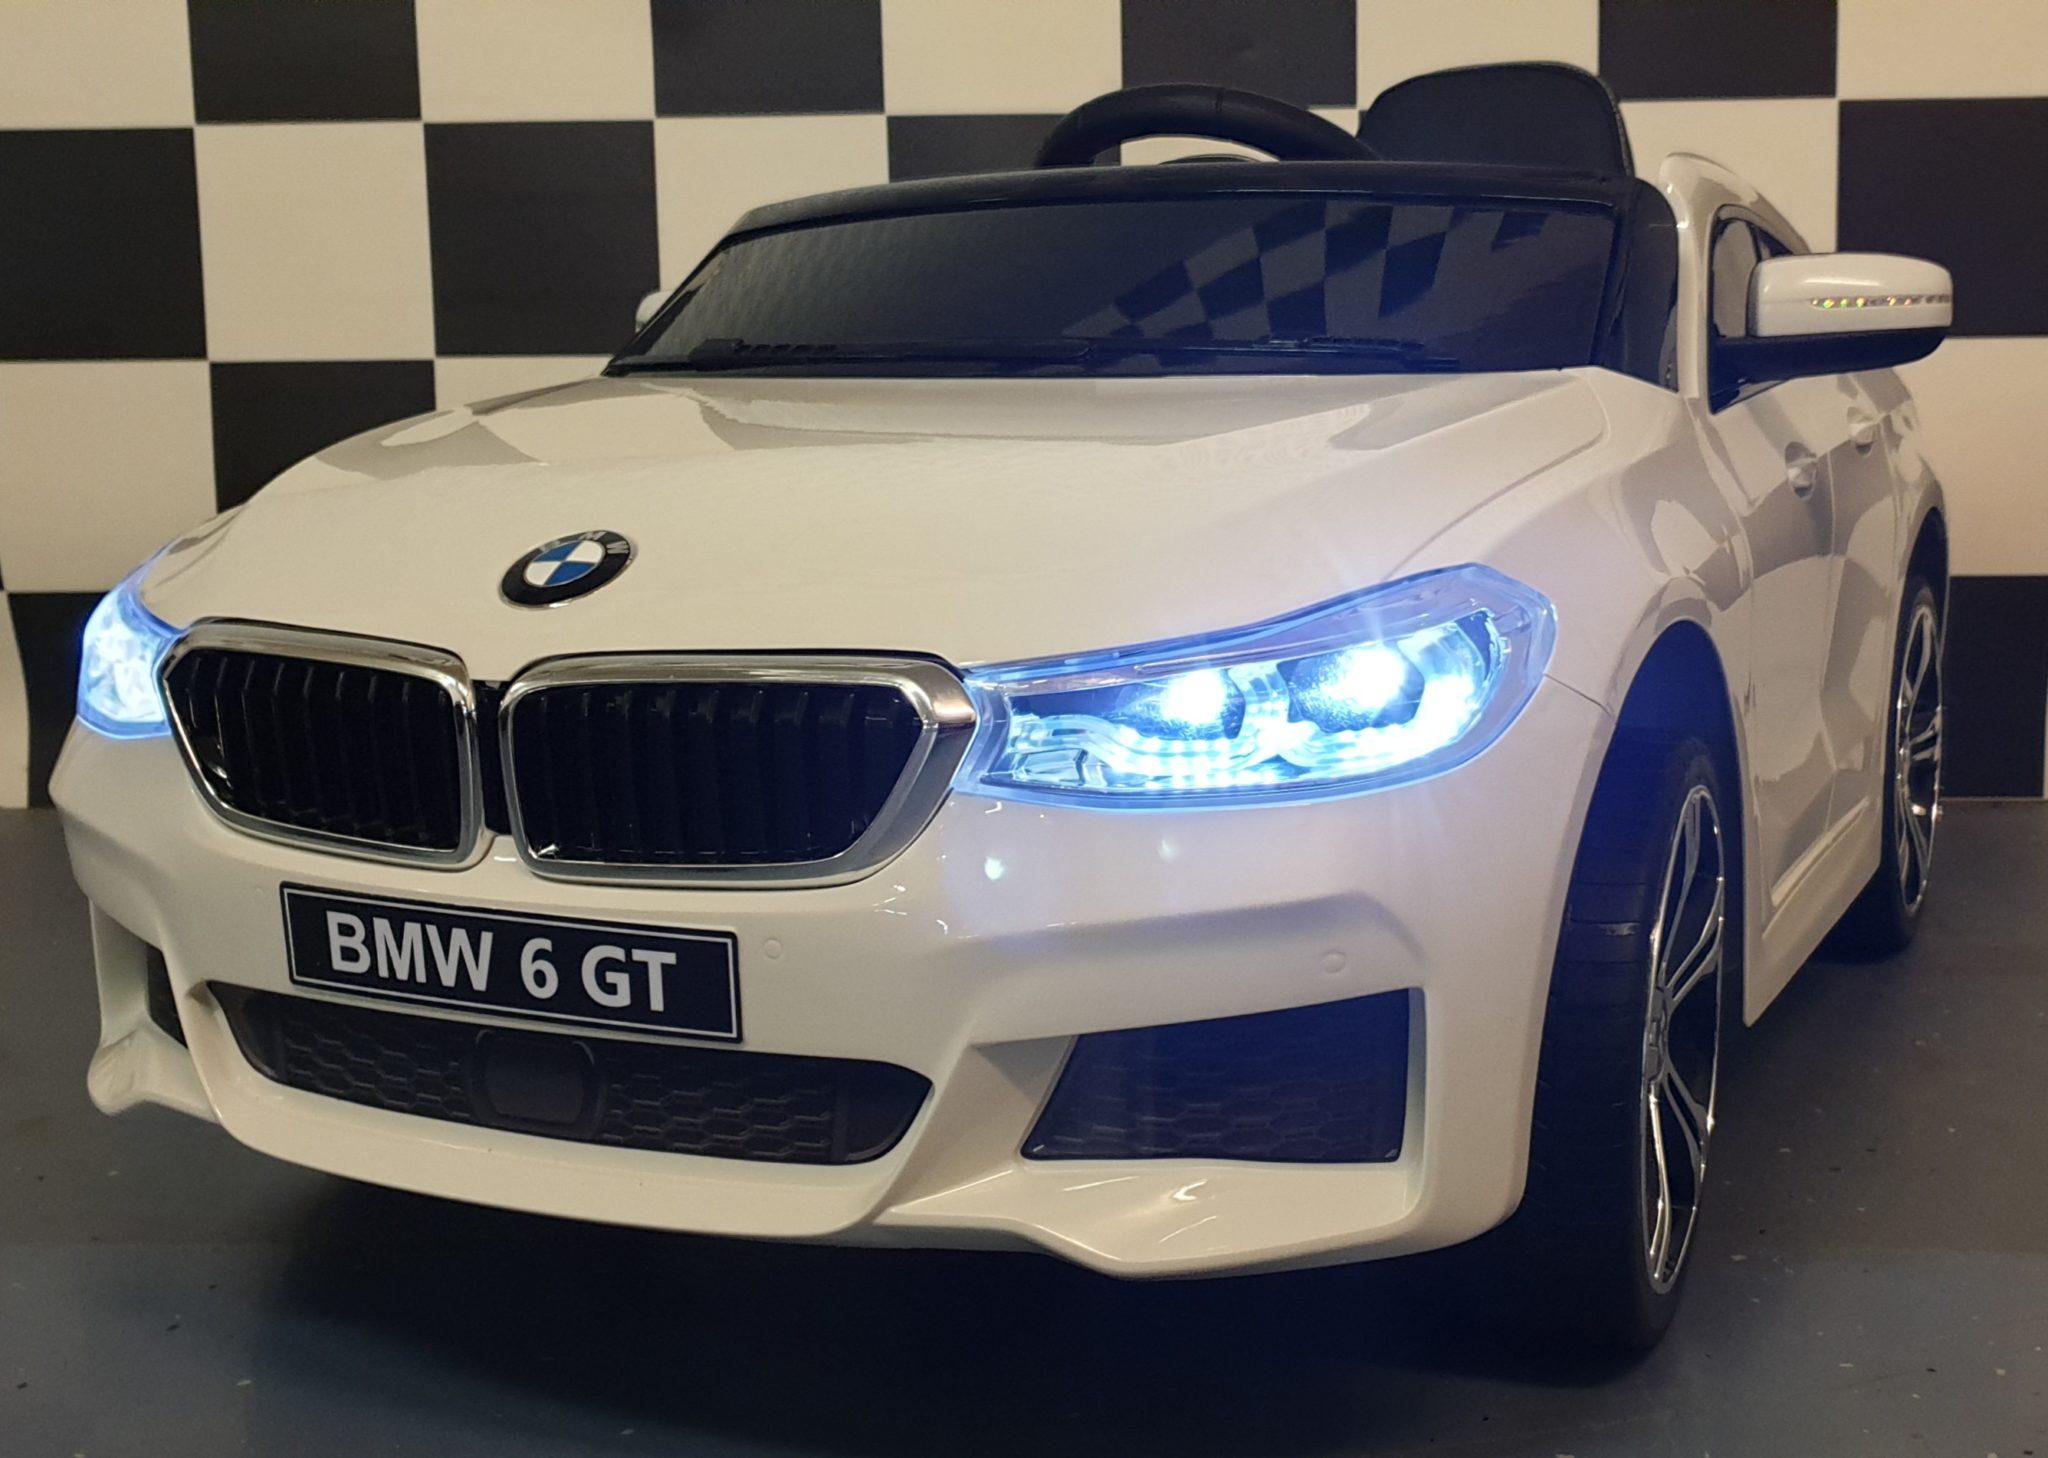 Accu auto BMW GT 12Volt 2.4G afstandbediening wit